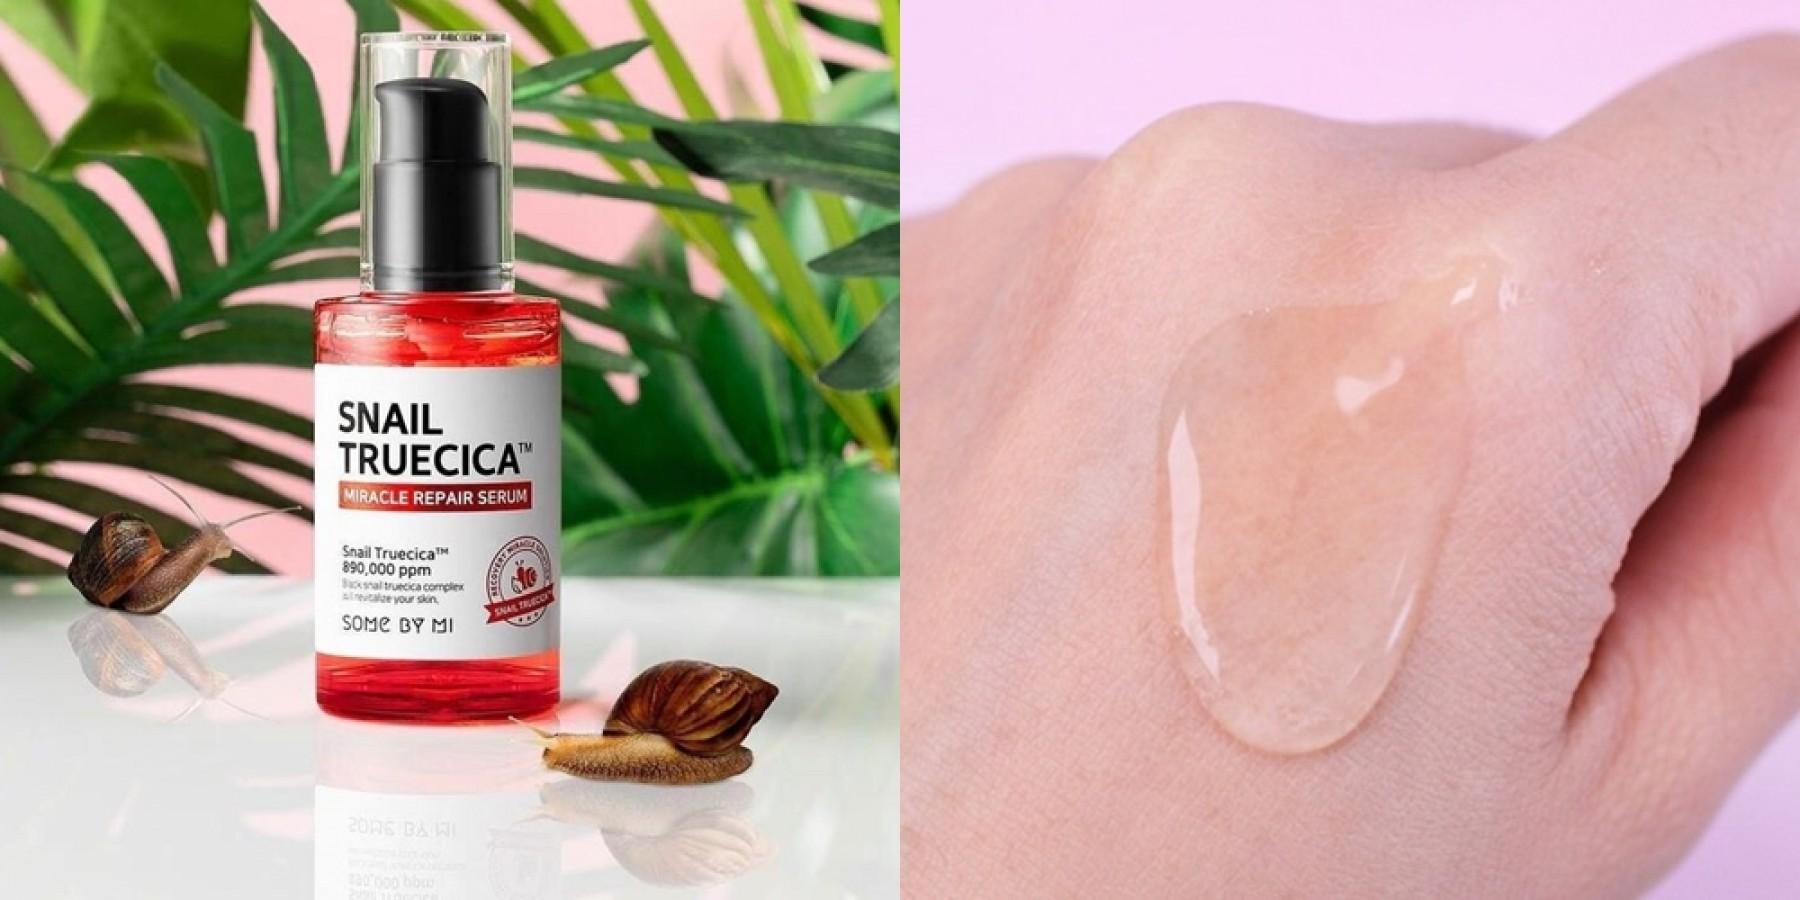 Tinh Chất Ốc Sên Some By Mi Snail Truecica Miracle Repair